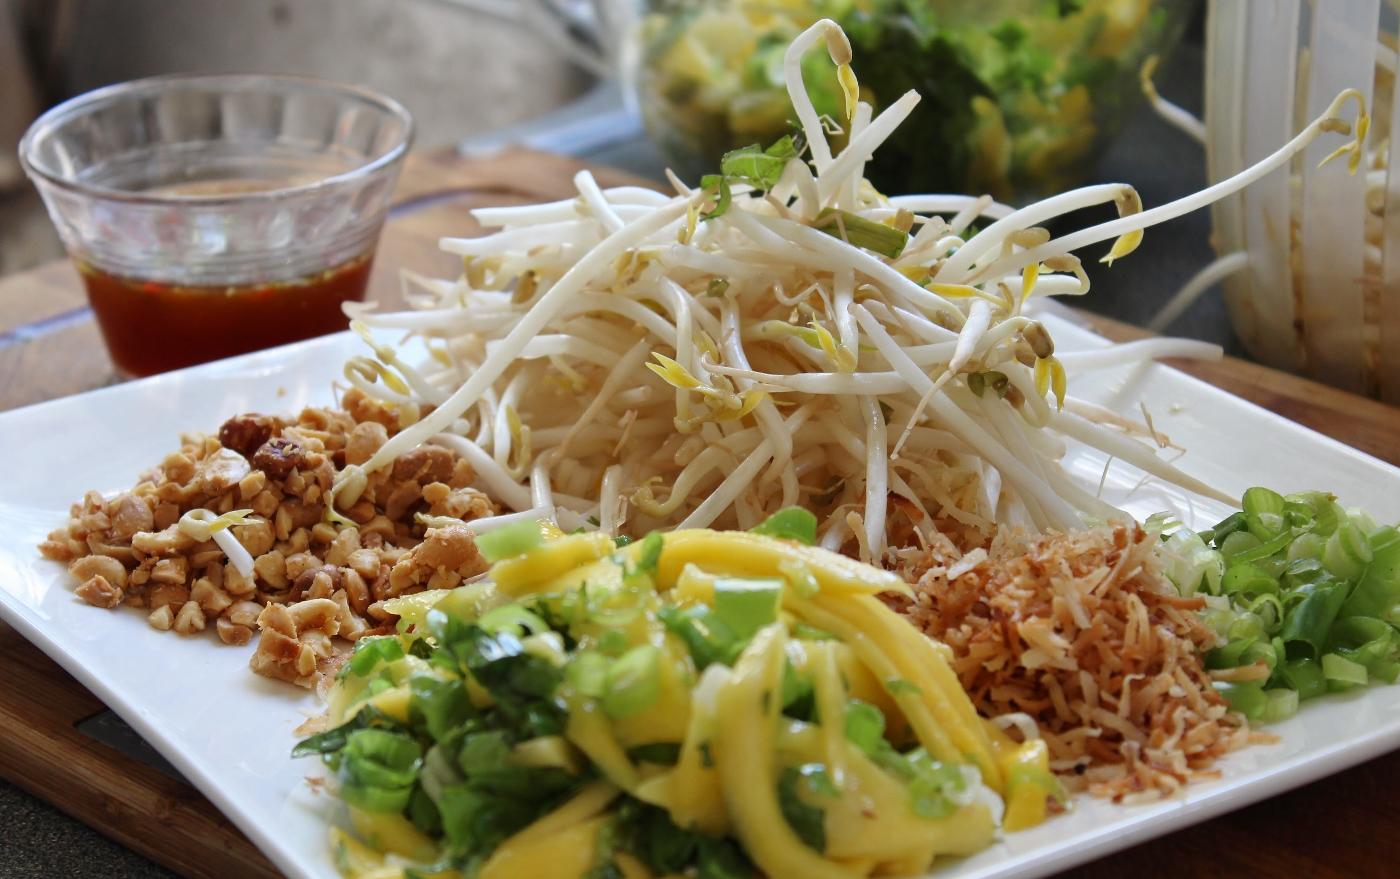 salade de mangues mango salad vegan (1400x879)